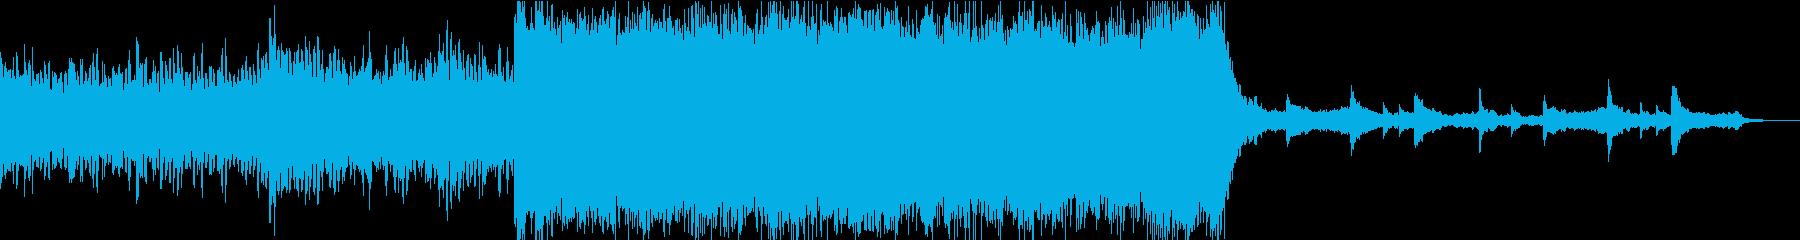 ヒロイックなエピックオーケストラの再生済みの波形